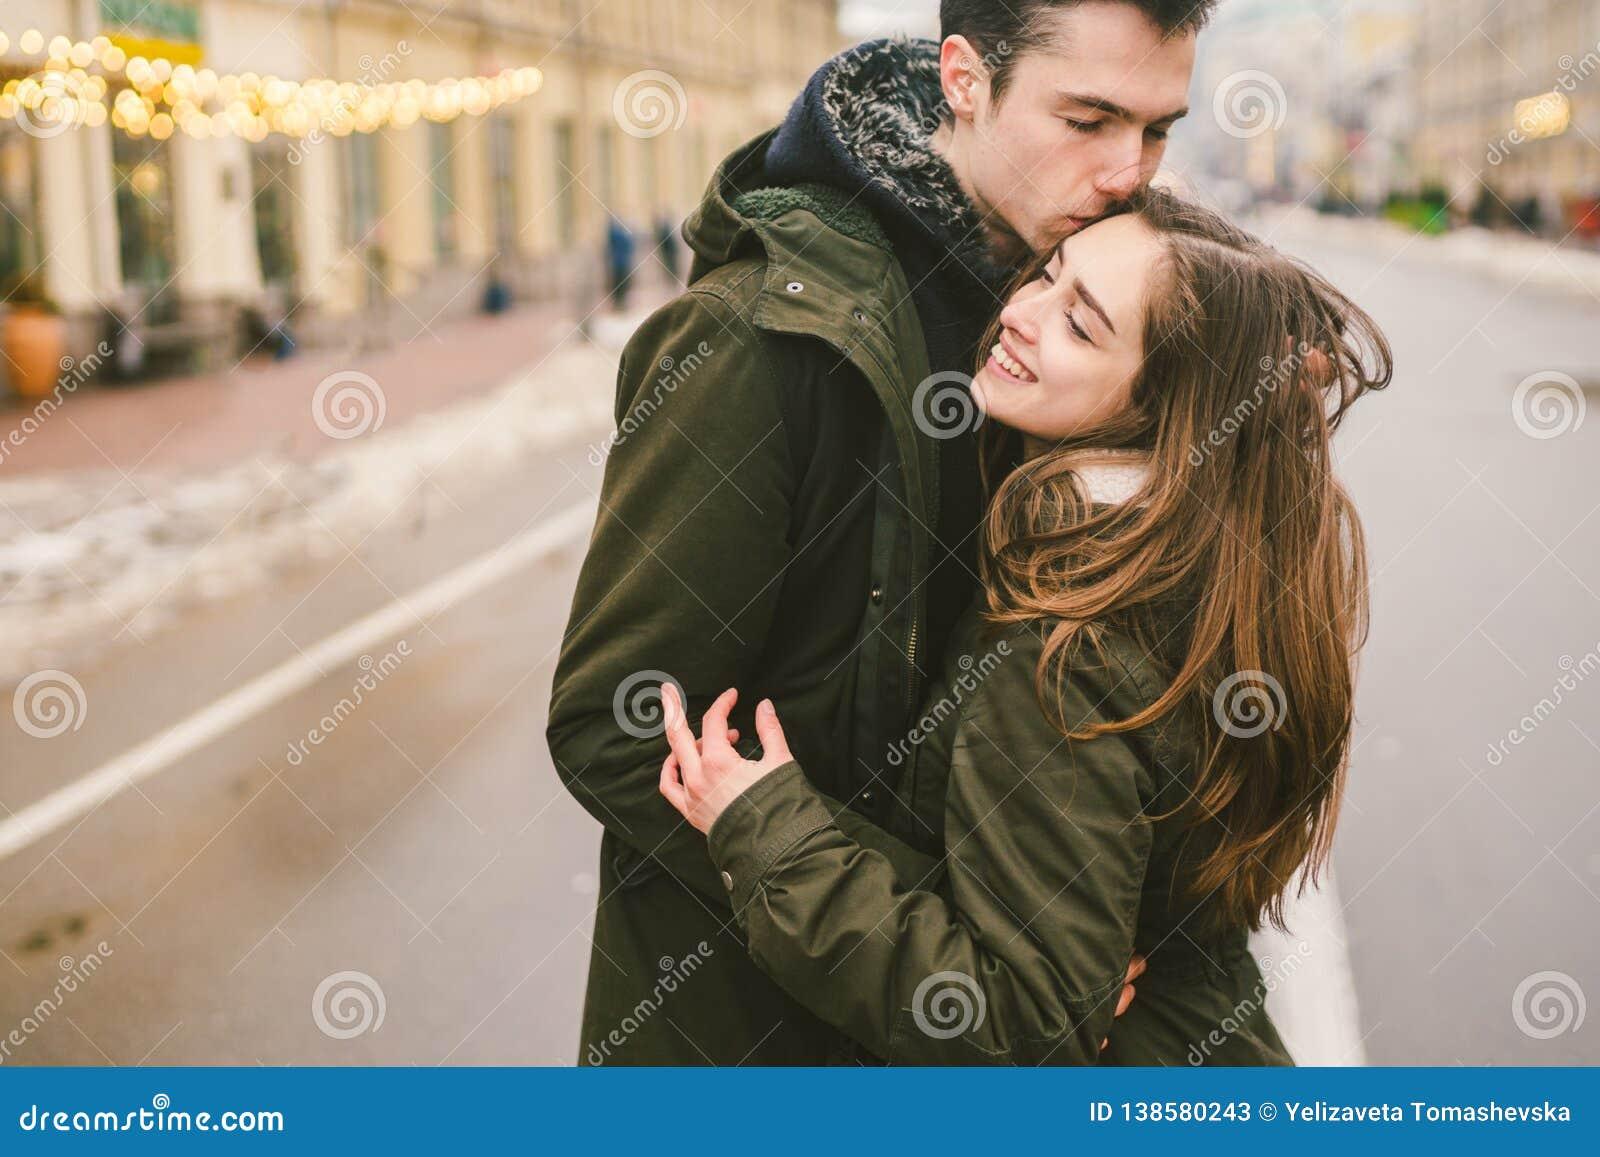 ᐈ Любовь рисунок вектор, векторные картинки любовь пара   скачать ...   1155x1600